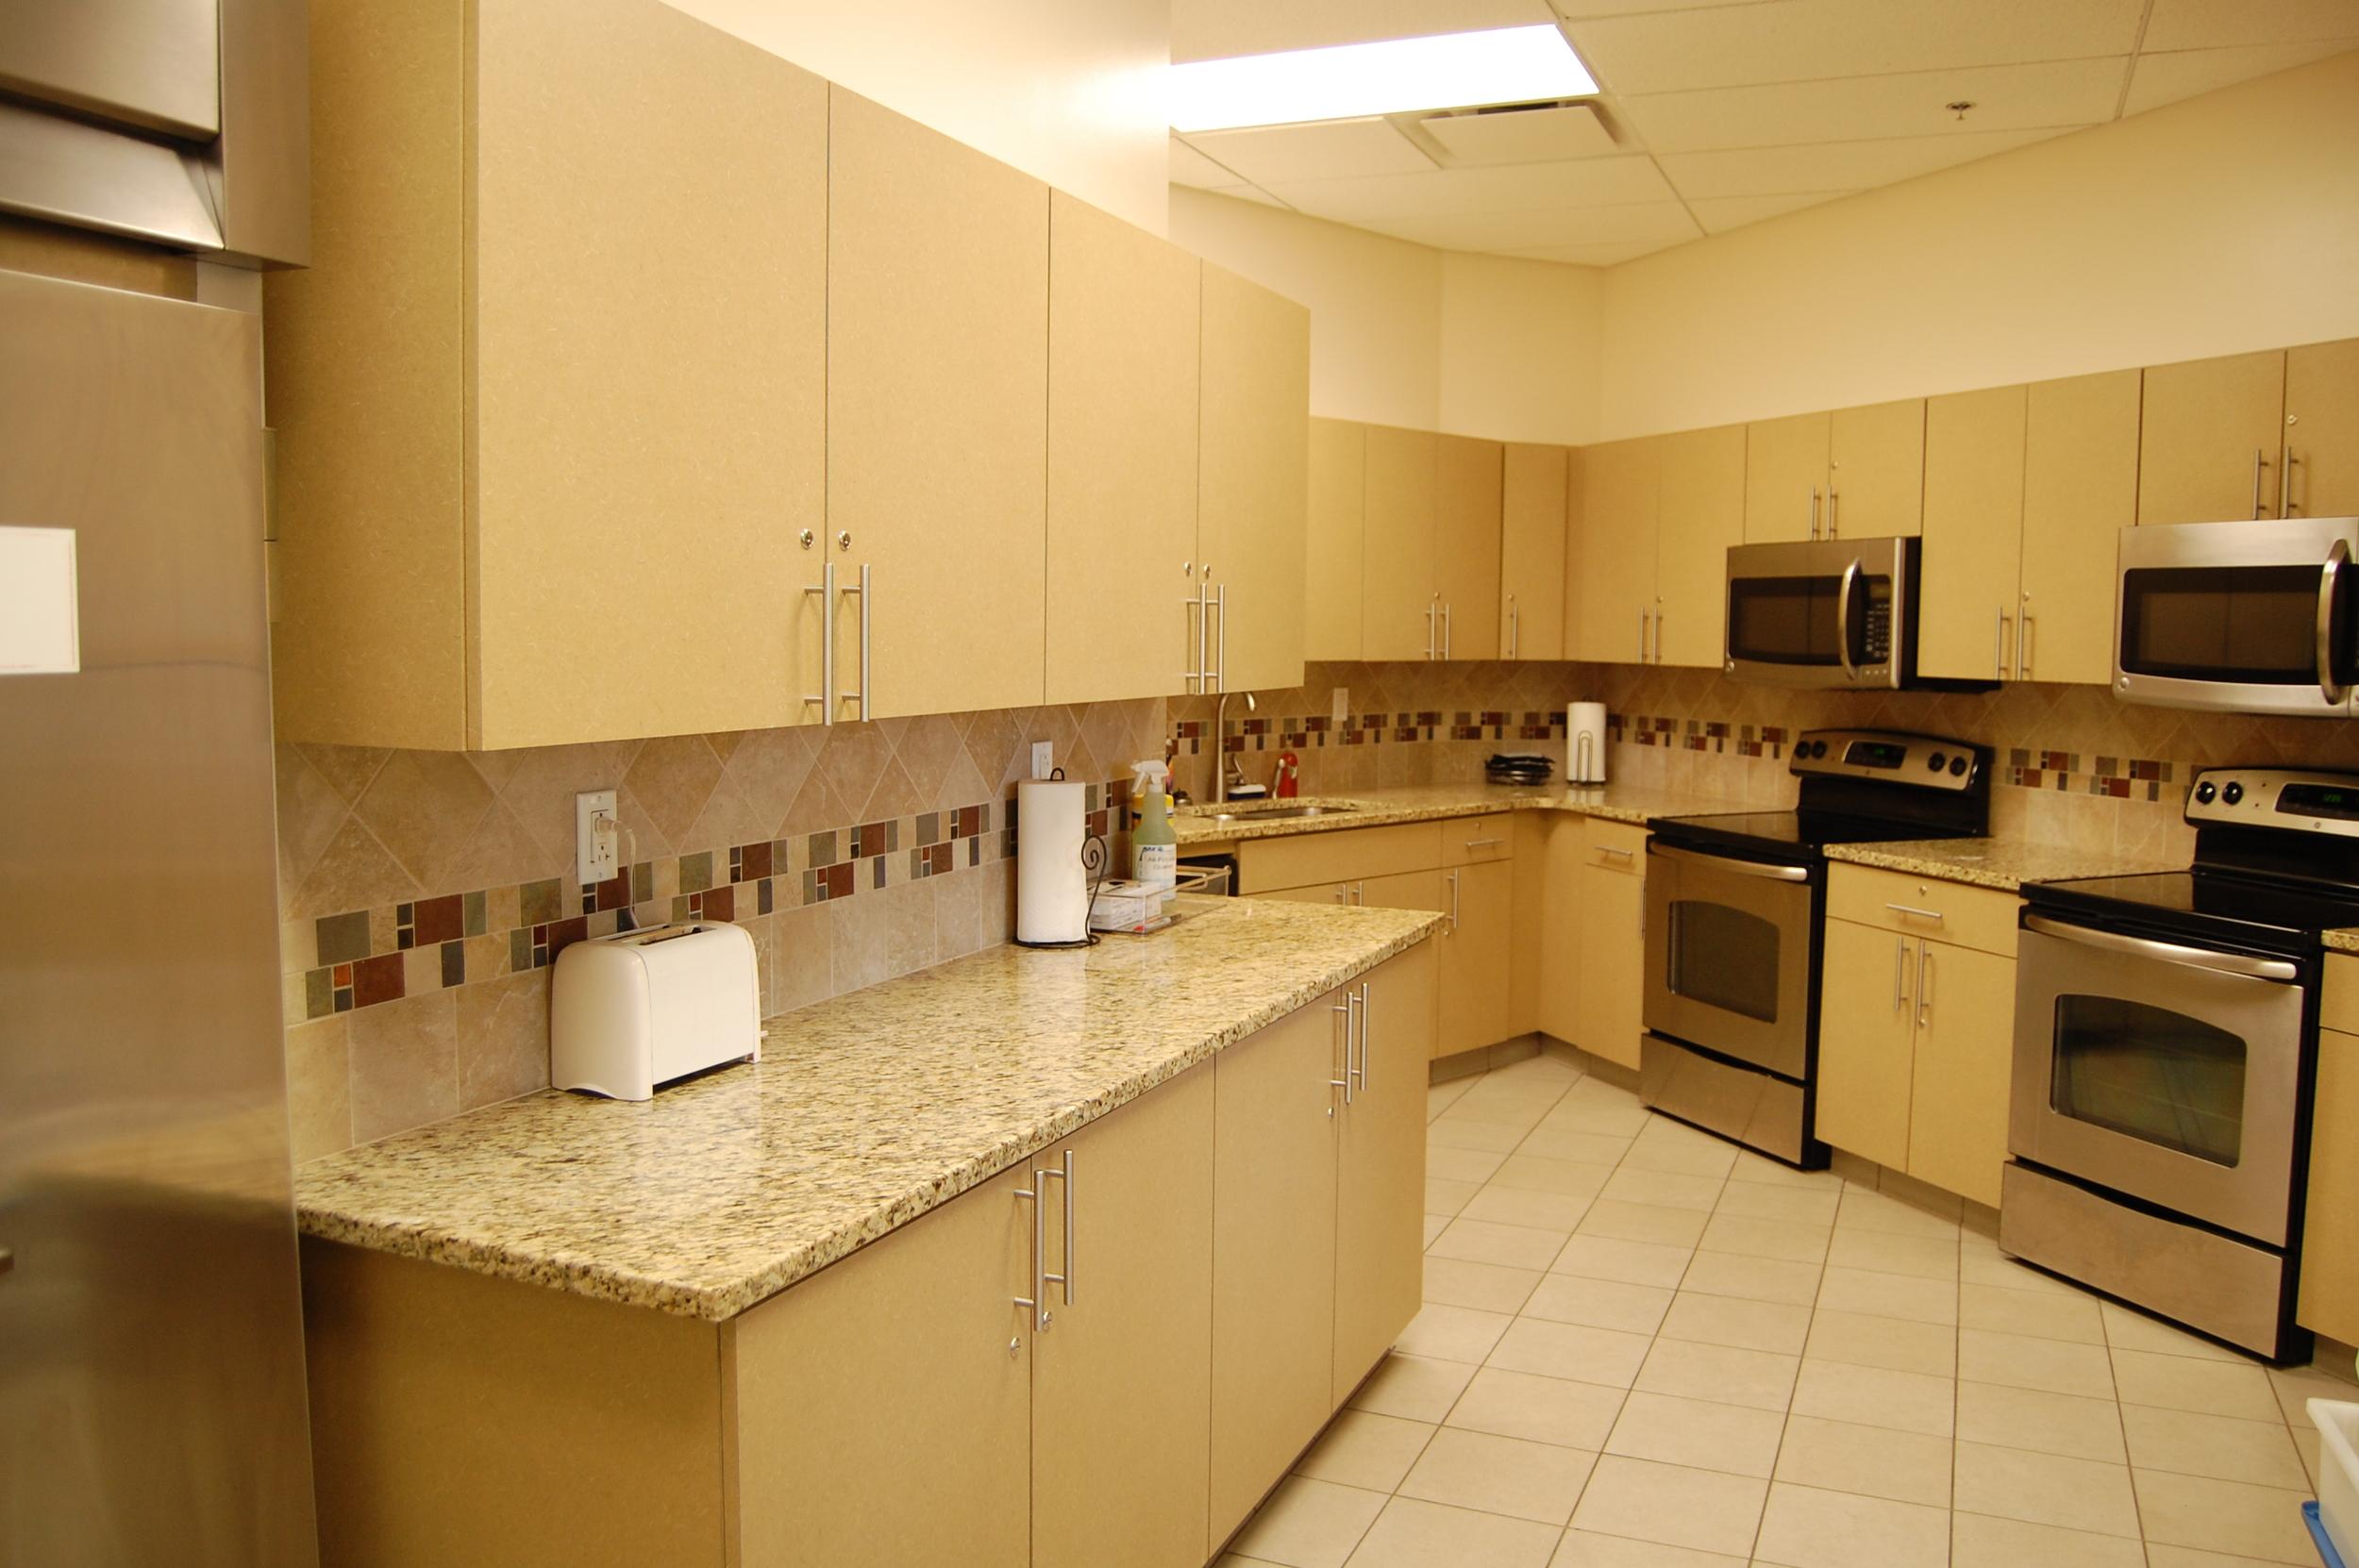 kitchen dining 2.JPG